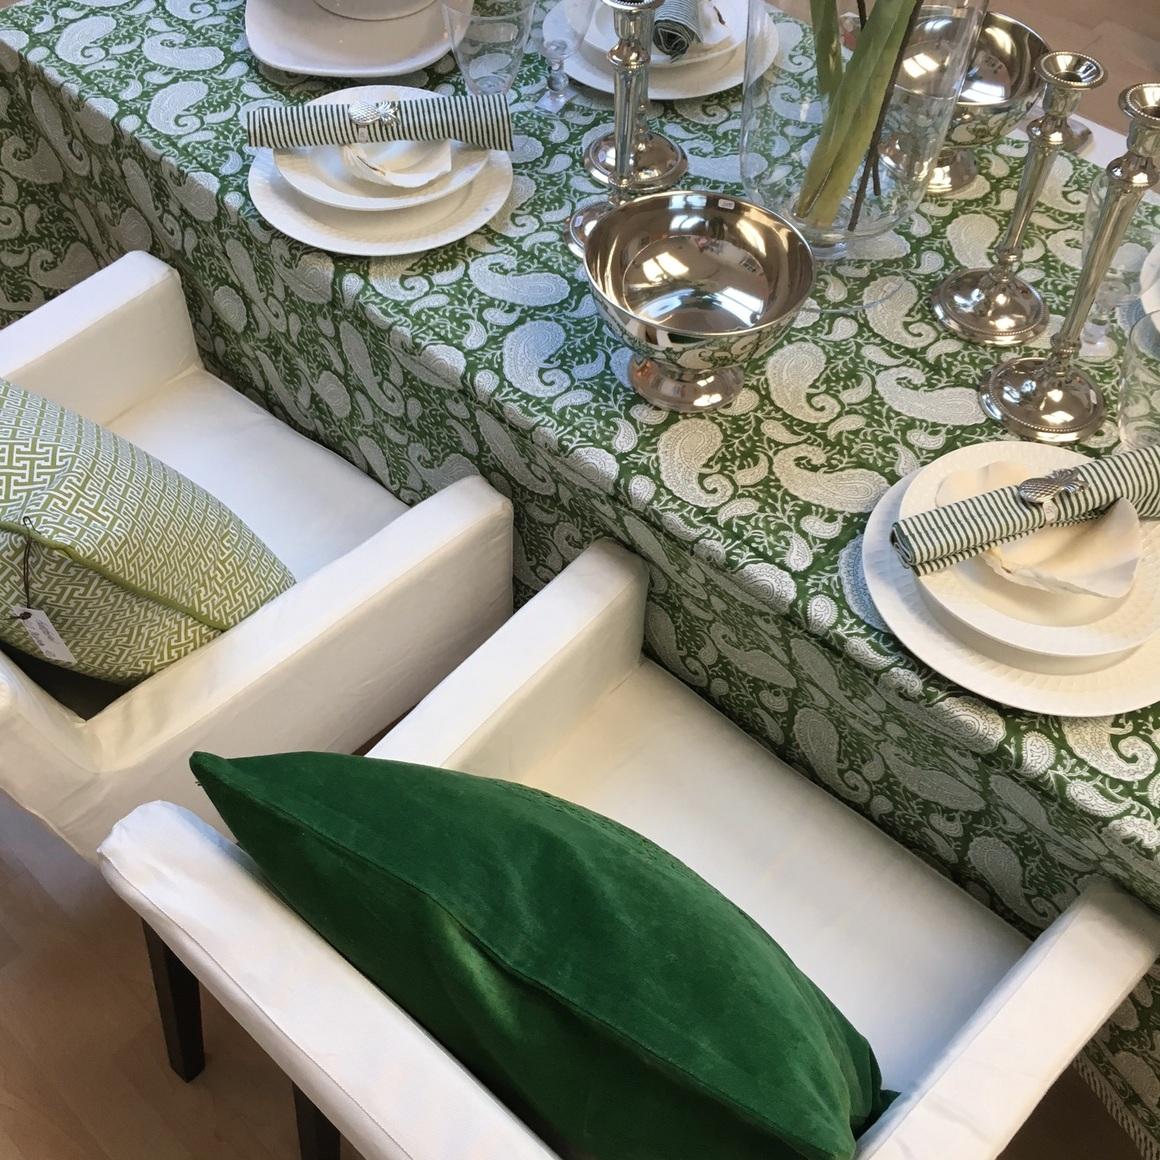 Bordsdukning i grönt